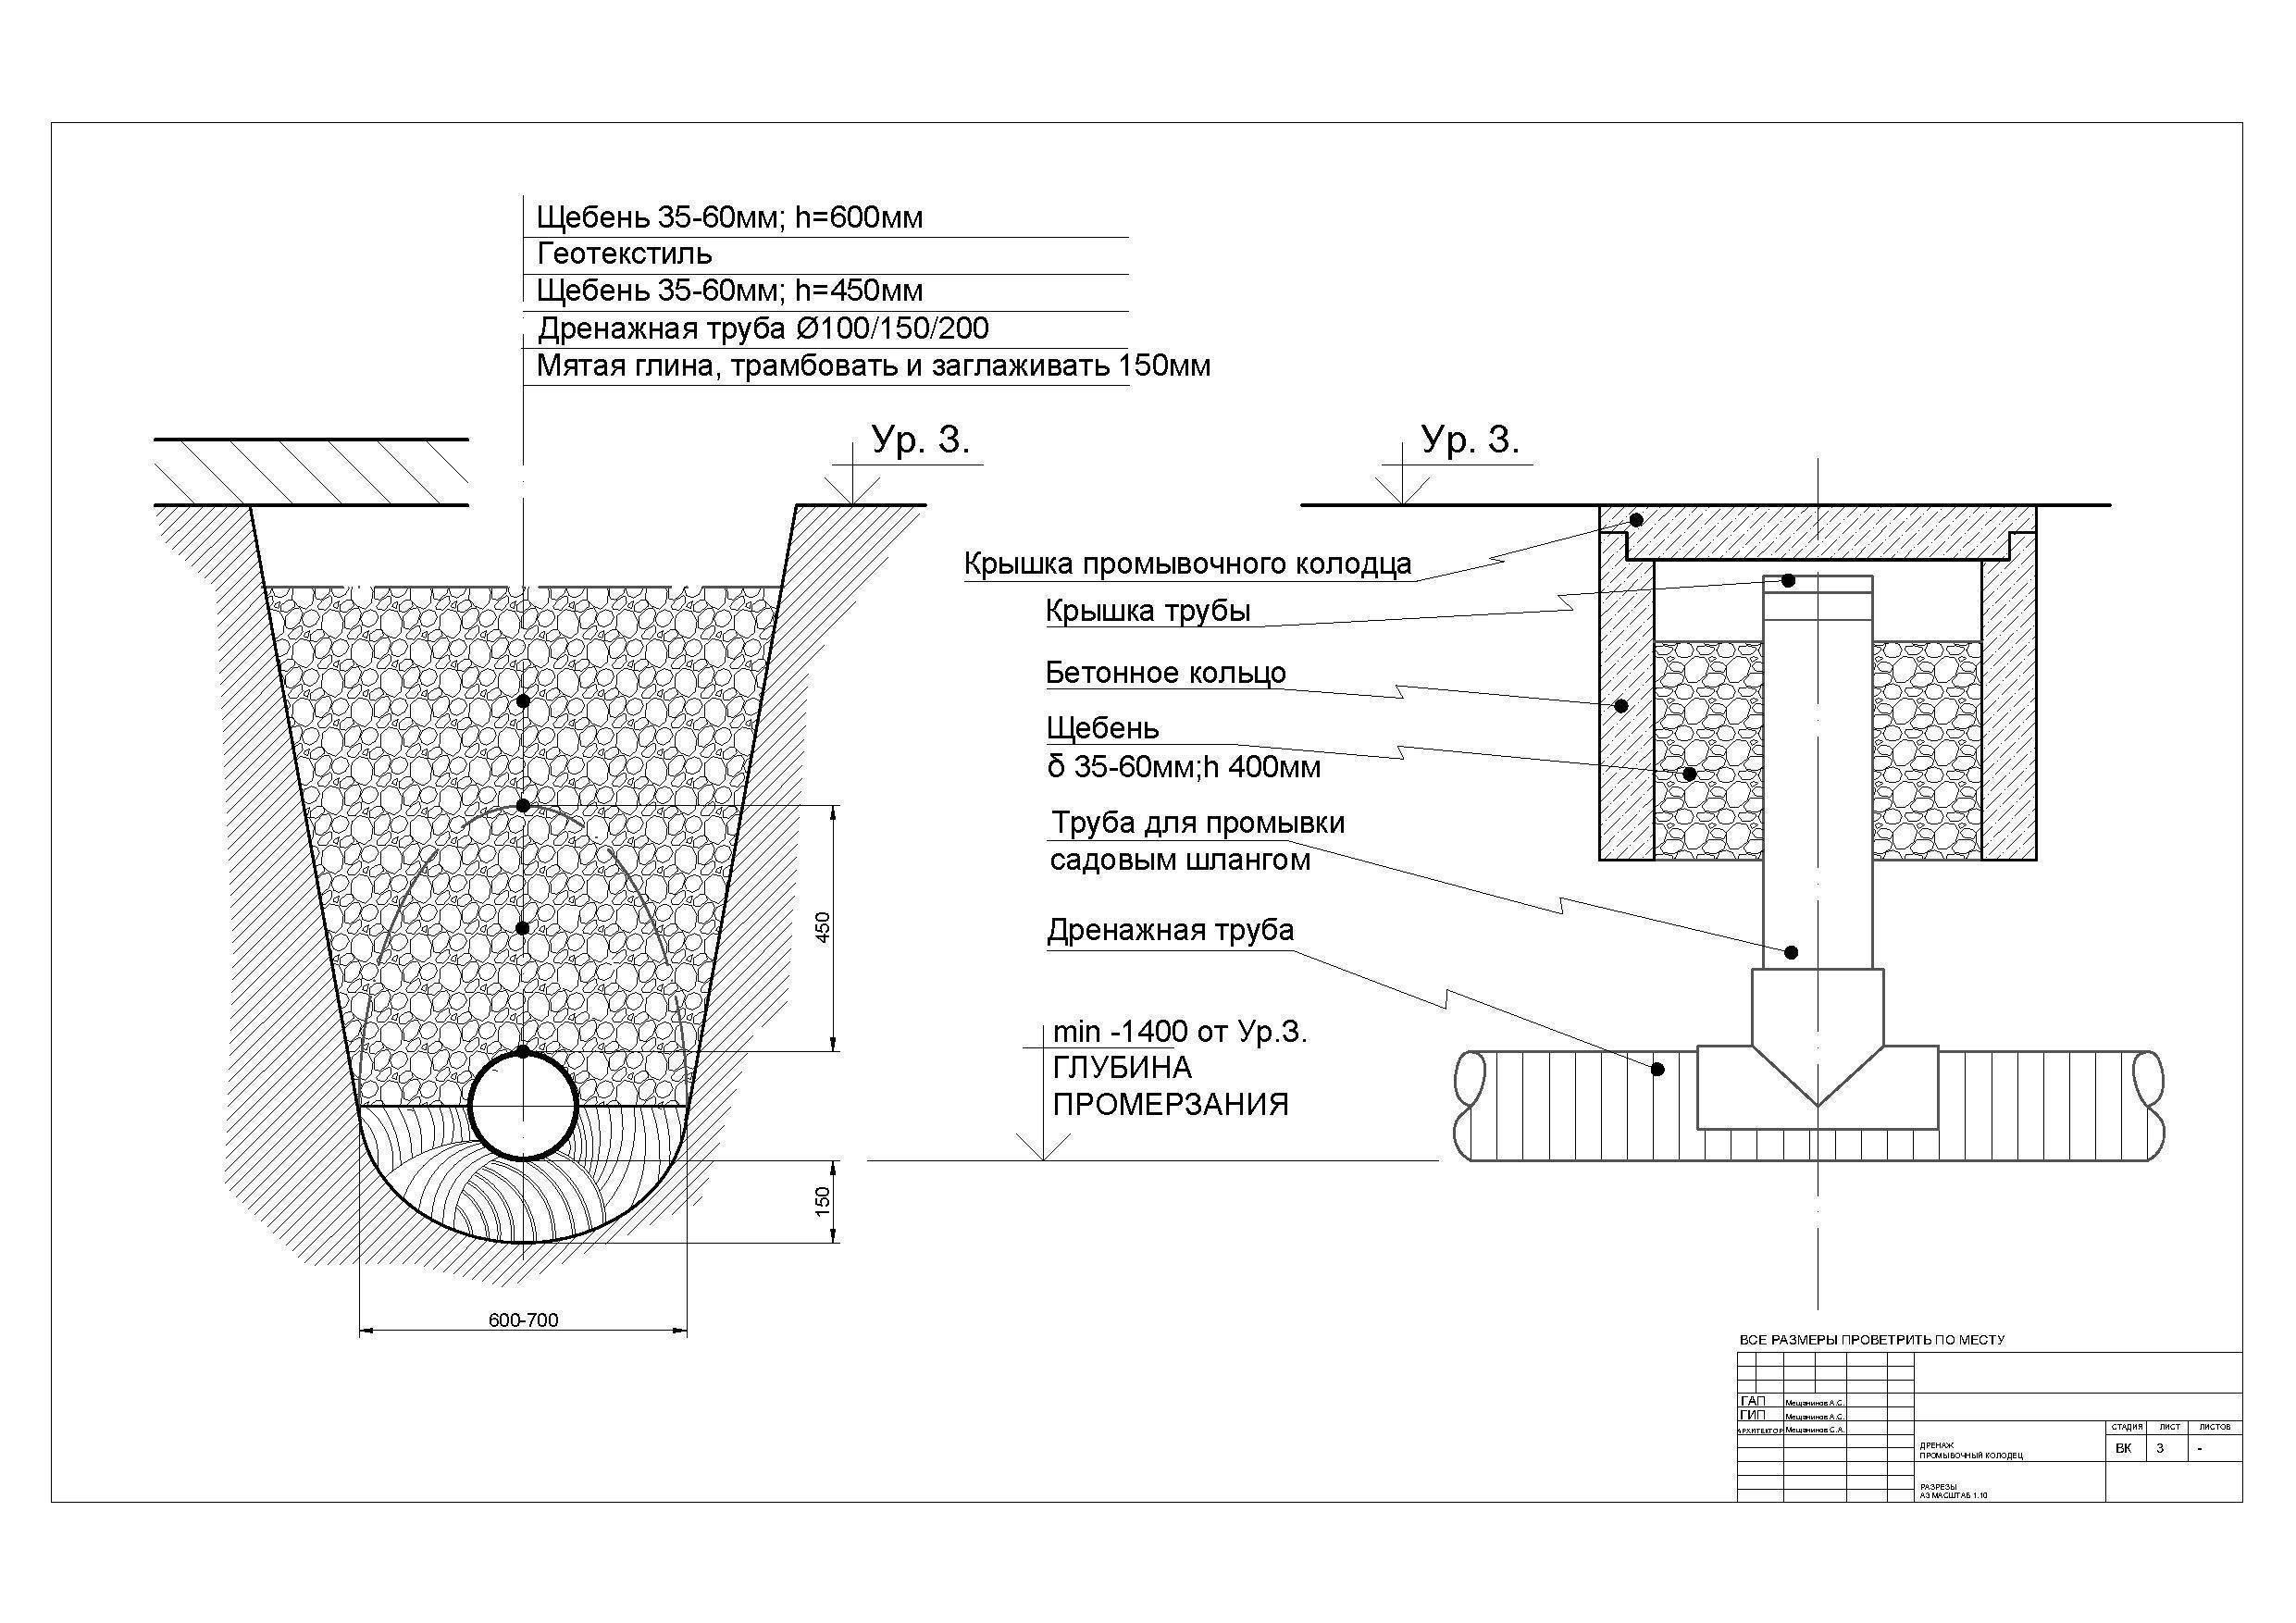 Пристенный дренаж вокруг дома: функции, виды, выбор технологии, материалы.